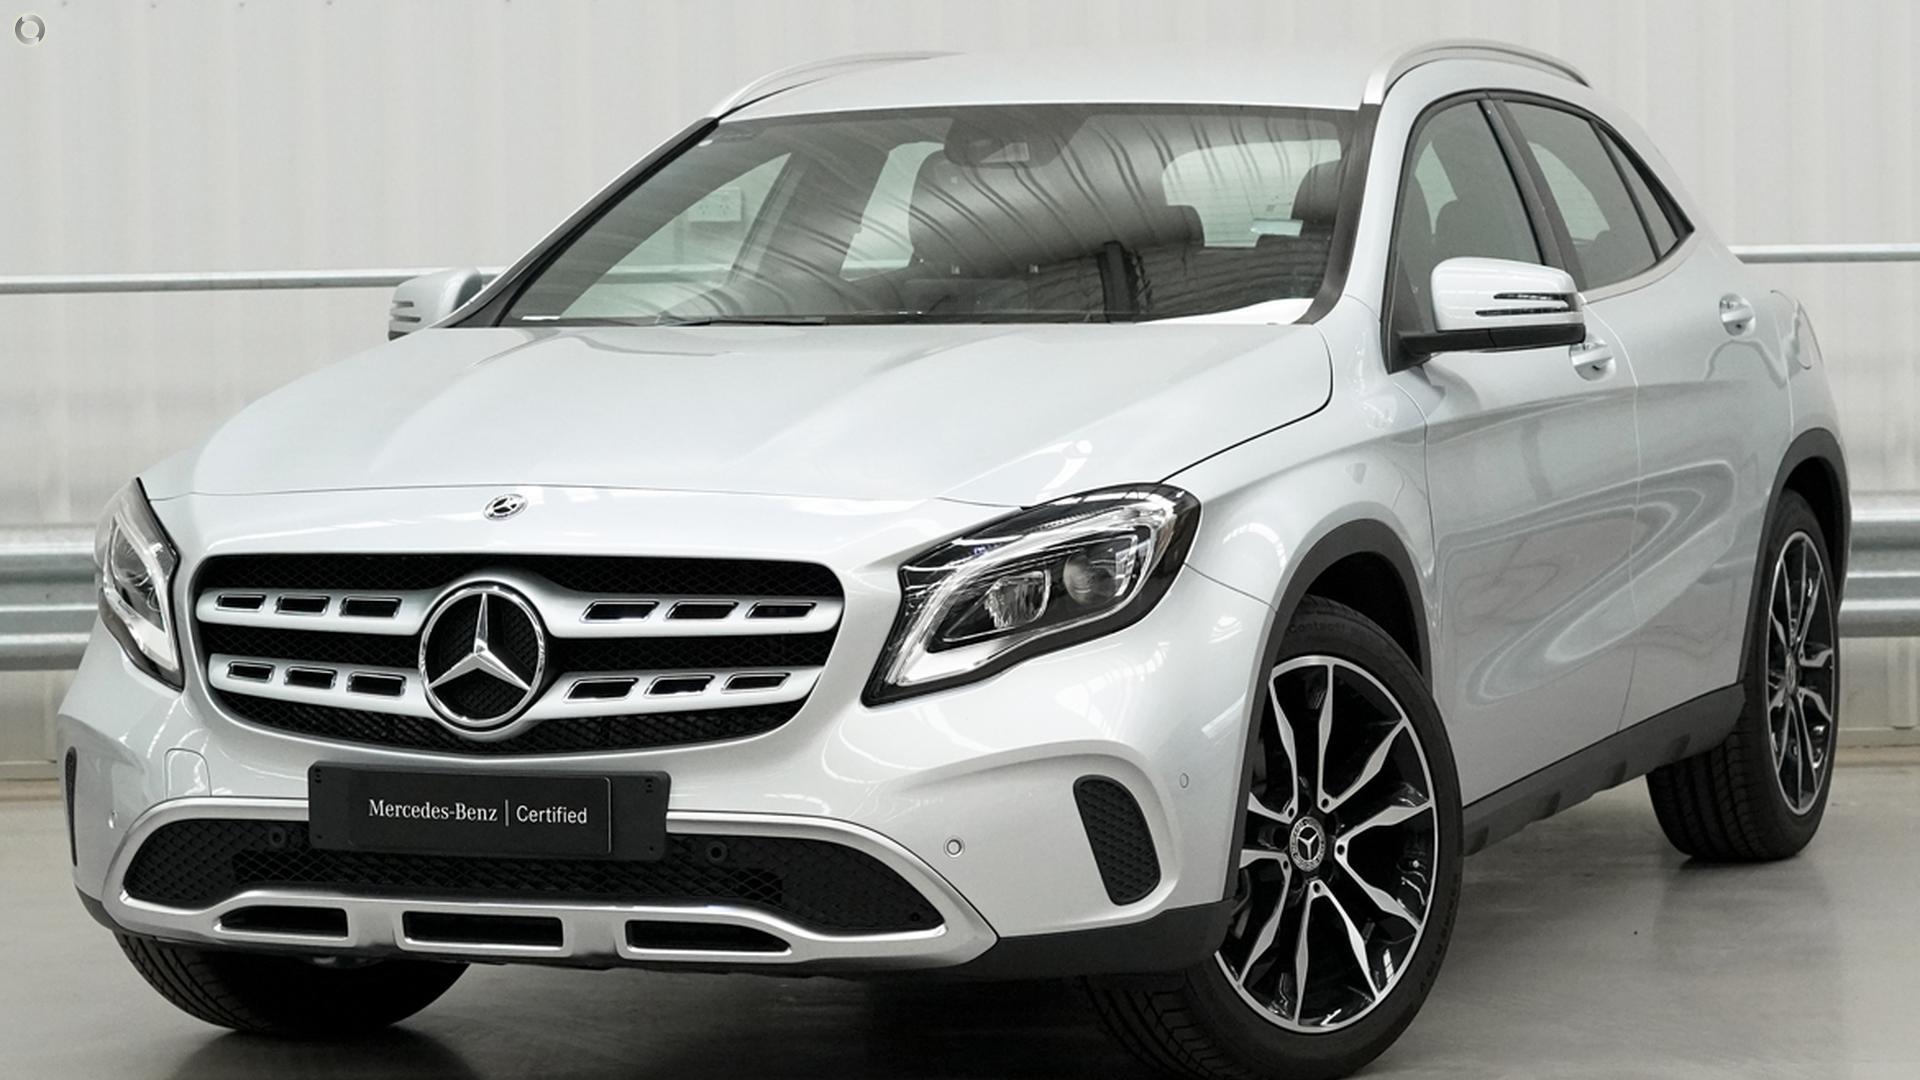 2019 Mercedes-Benz GLA 220 D Wagon